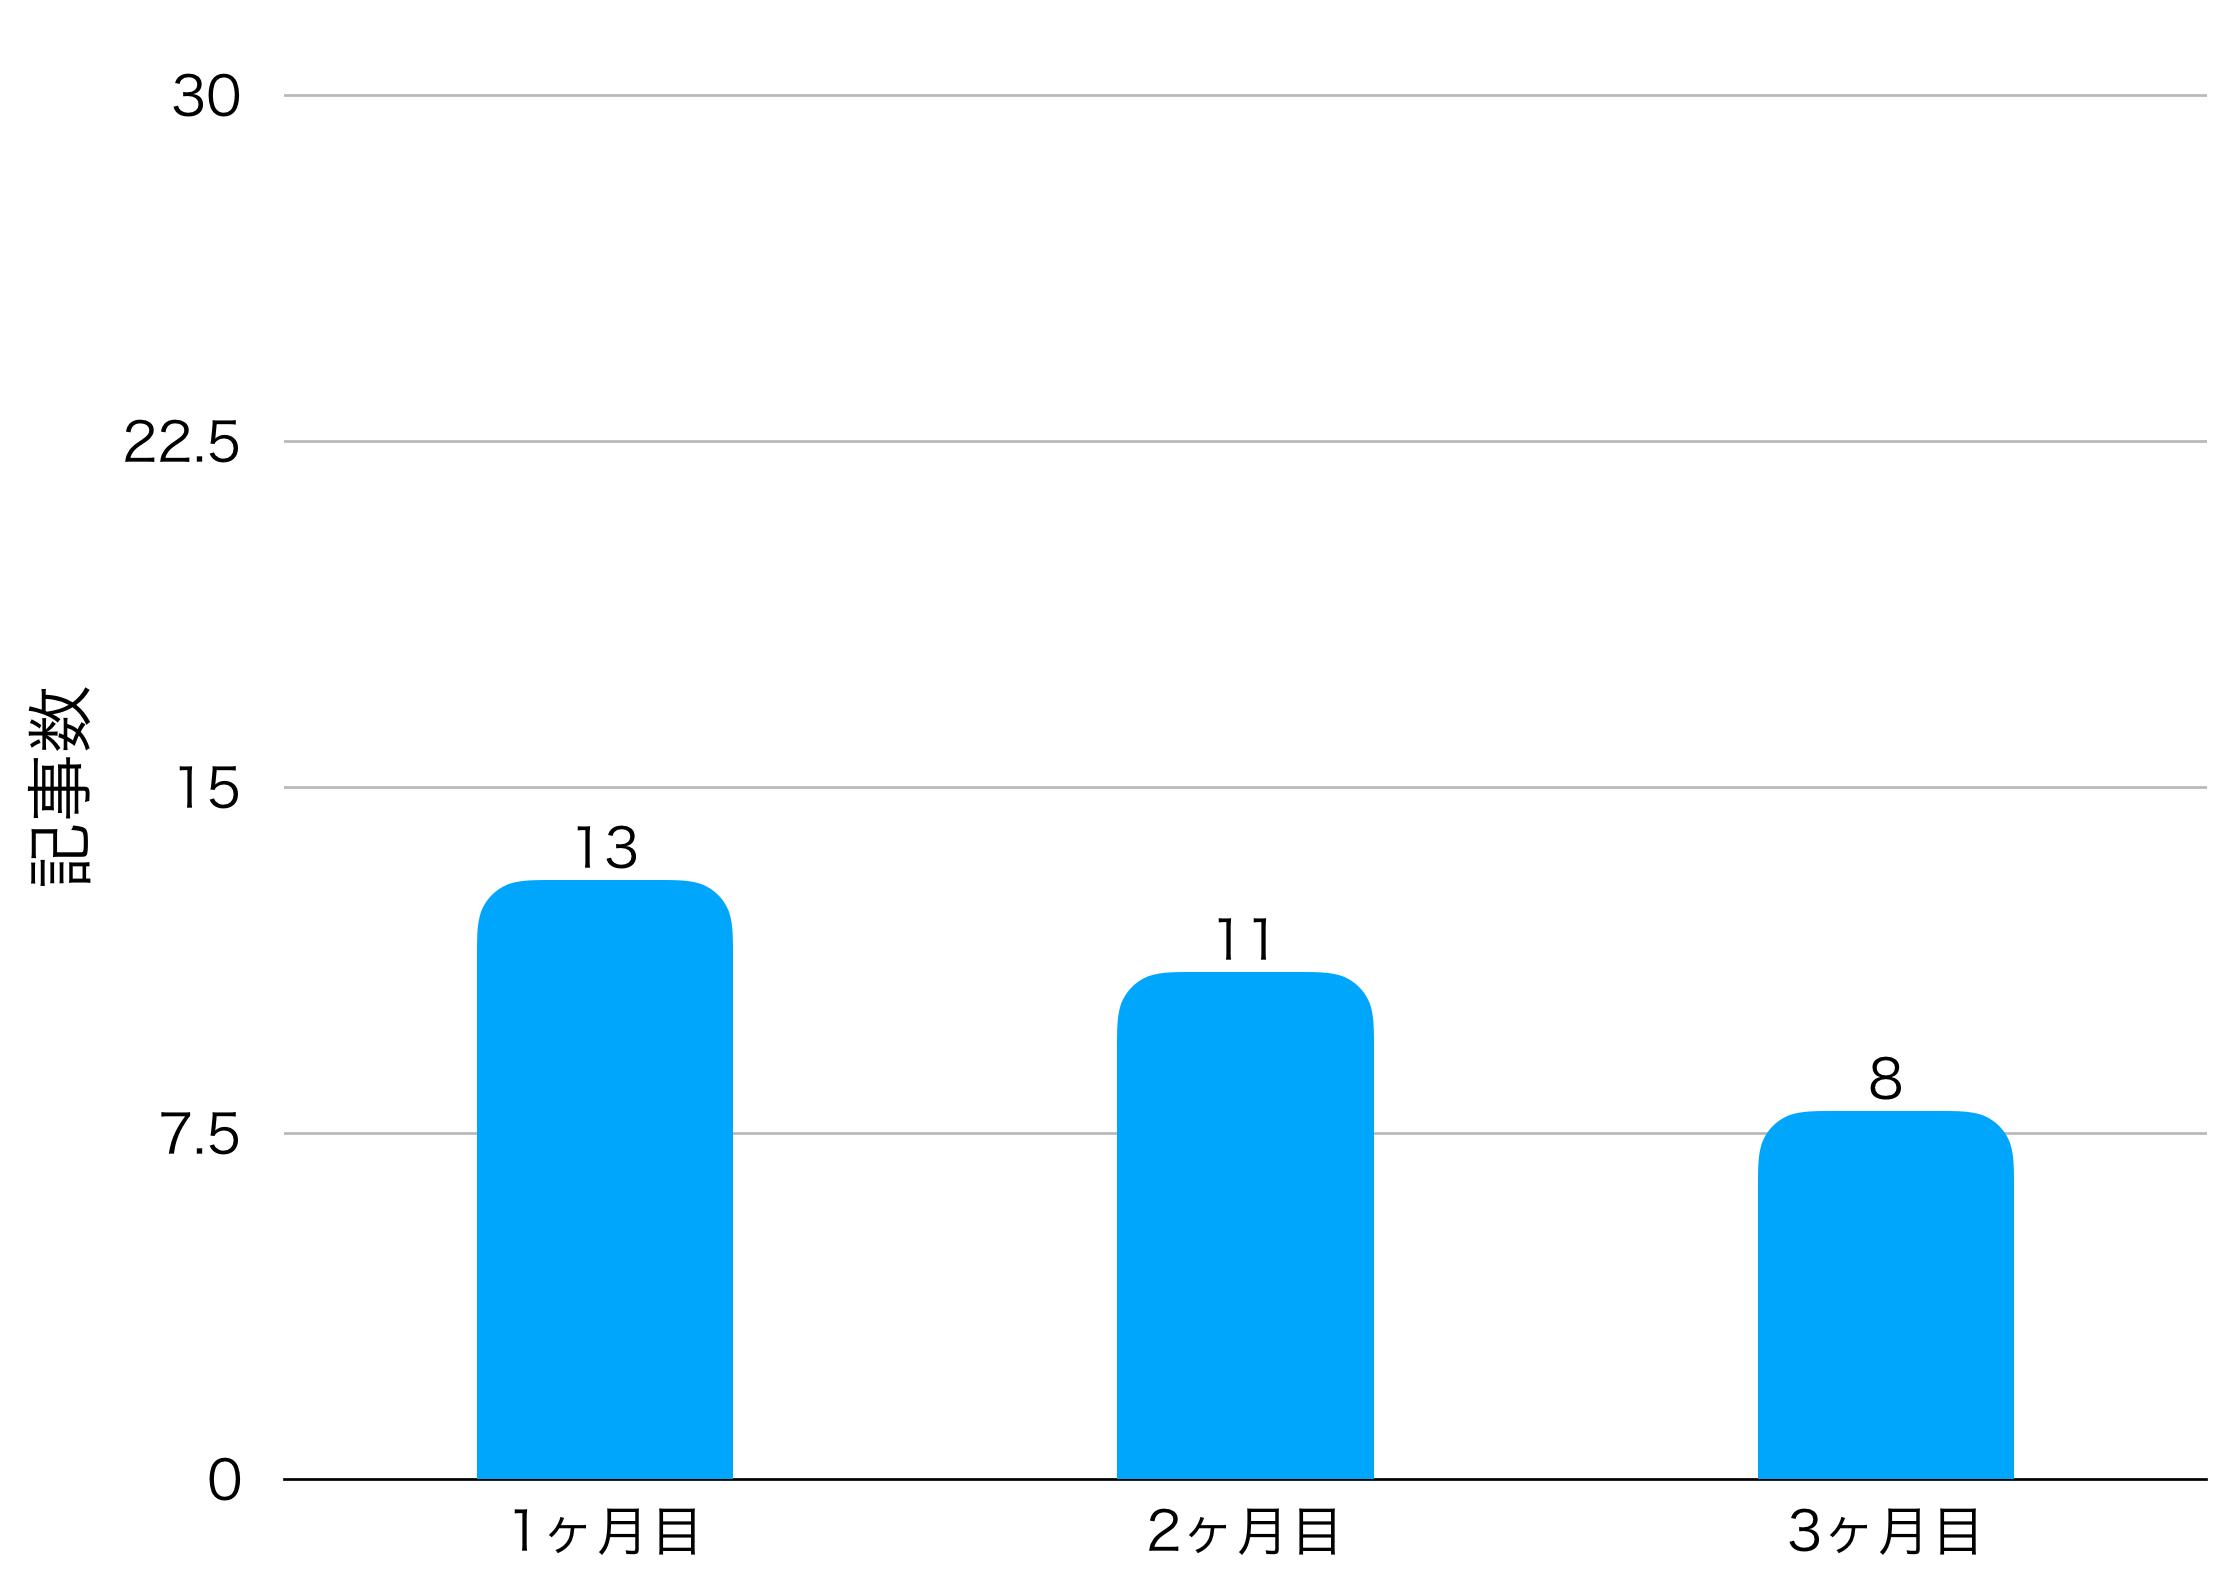 3ヶ月目の記事数の画像